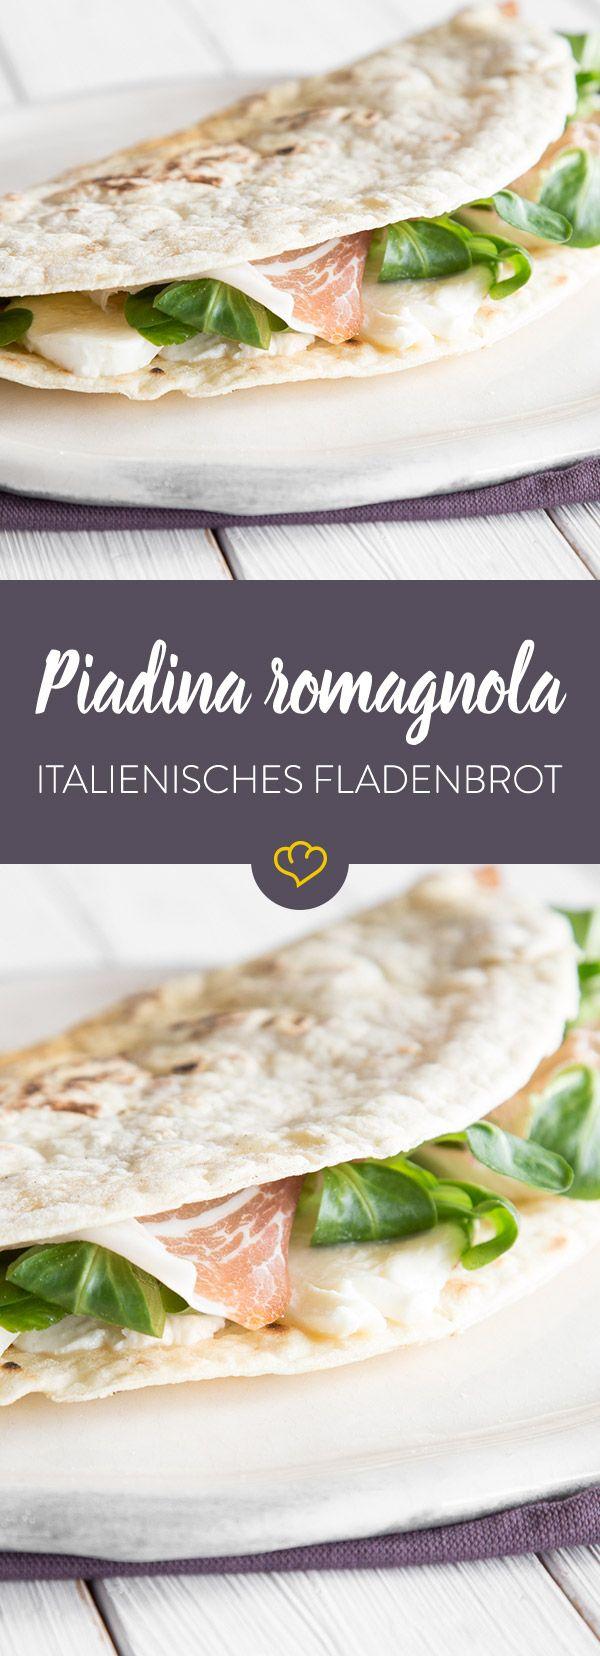 Das gefüllte Fladenbrot kommt ursprünglich aus der Emilia Romagna und gilt mittlerweile als eines der beliebtesten Streetfoods in ganz Italien.